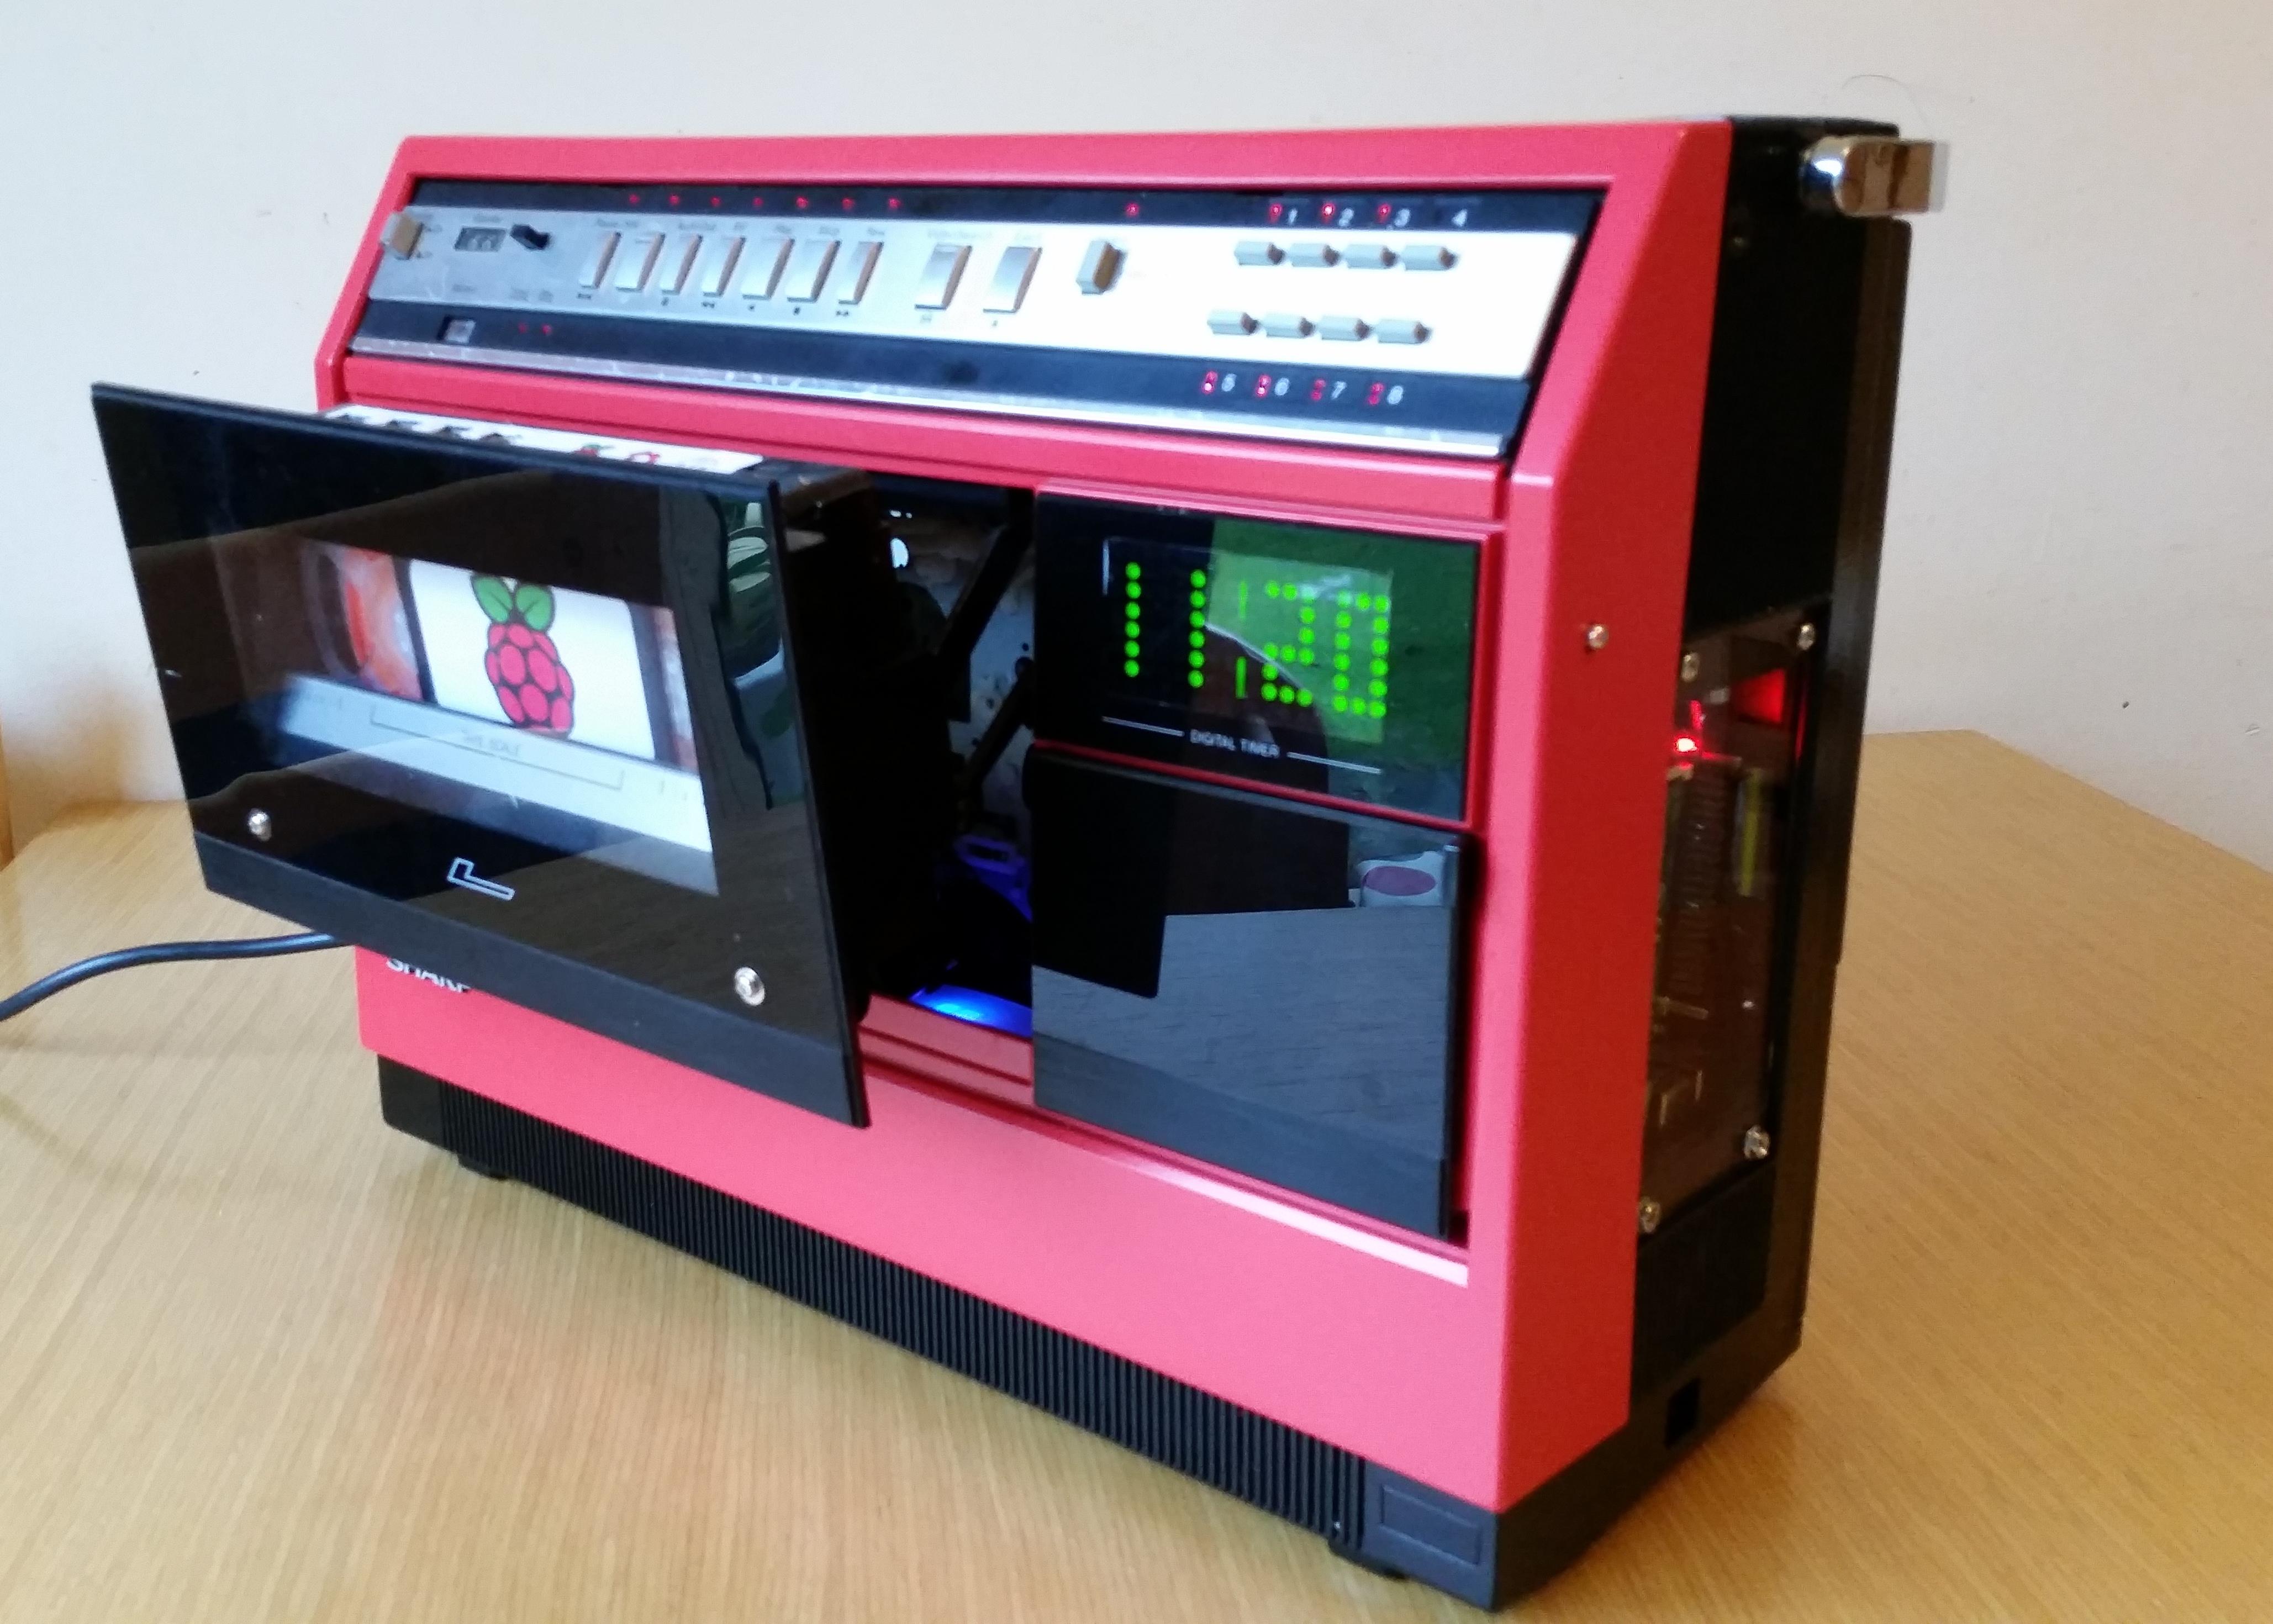 Picture of 1981 Portable VCR Raspberry PI Media Centre